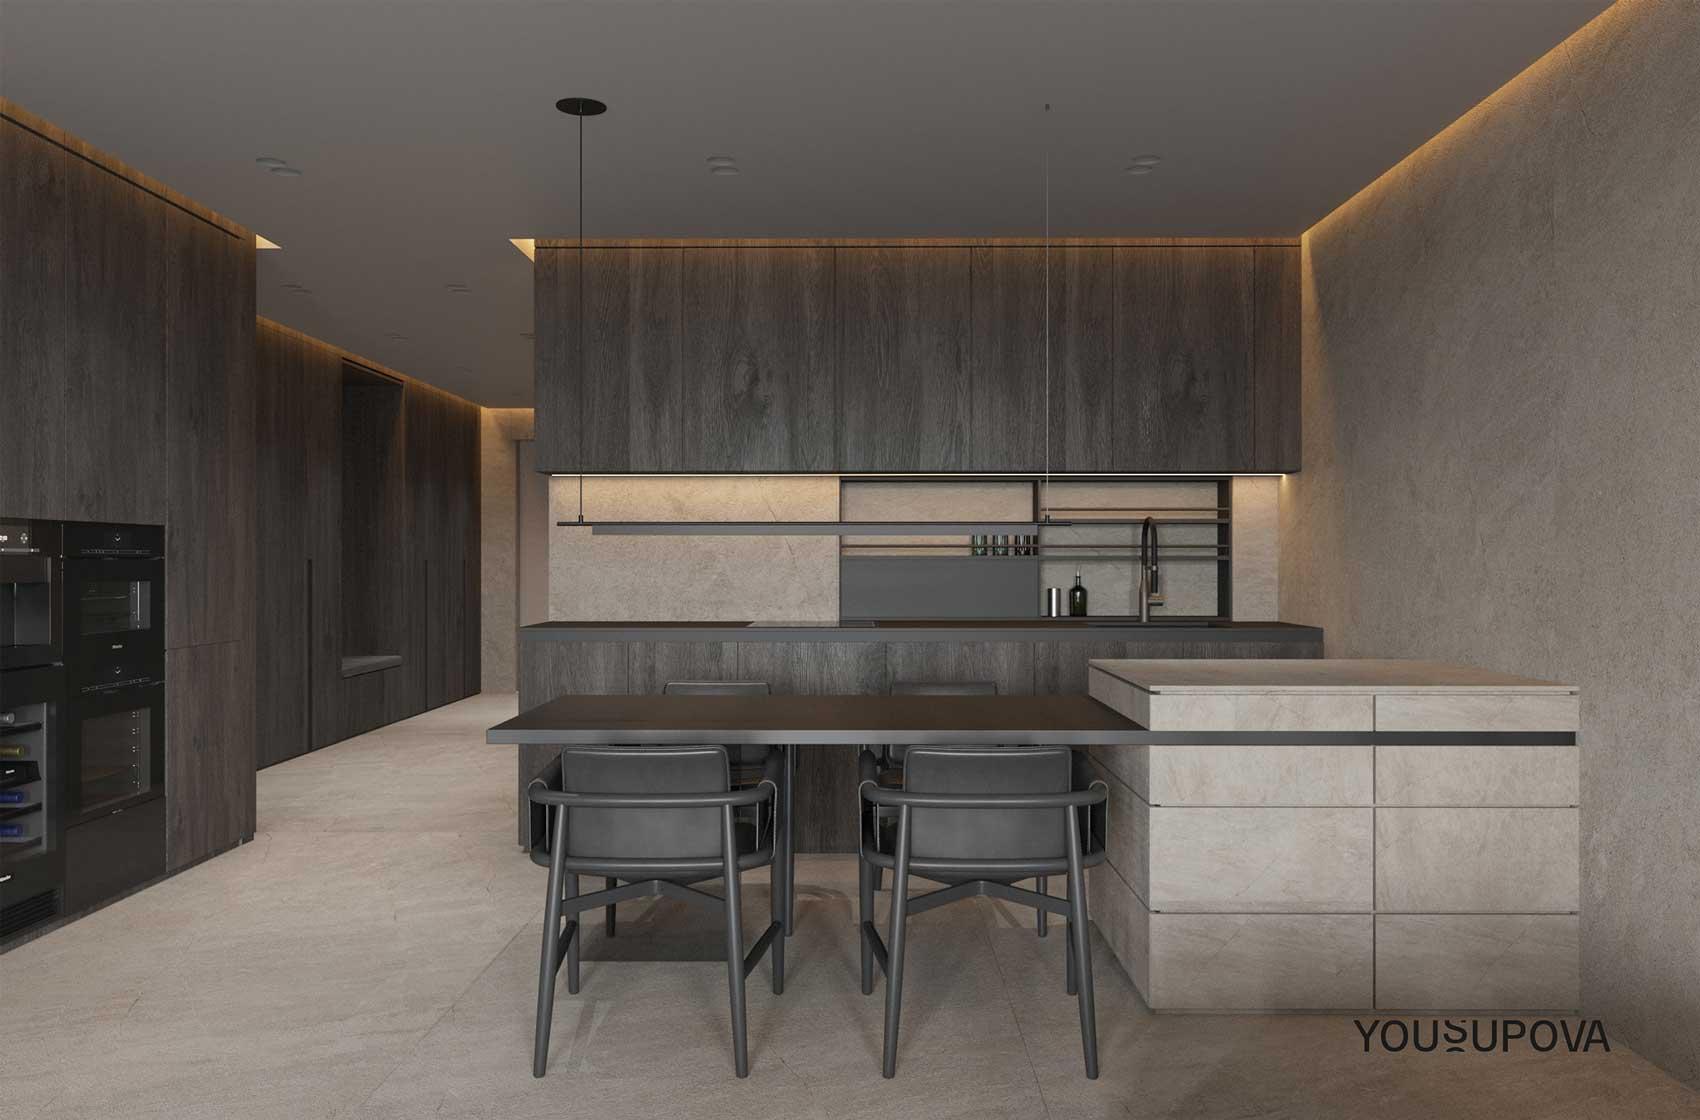 Un coin cuisine avec un mur et un sol en tadelakt et du mobilier en bois sombre